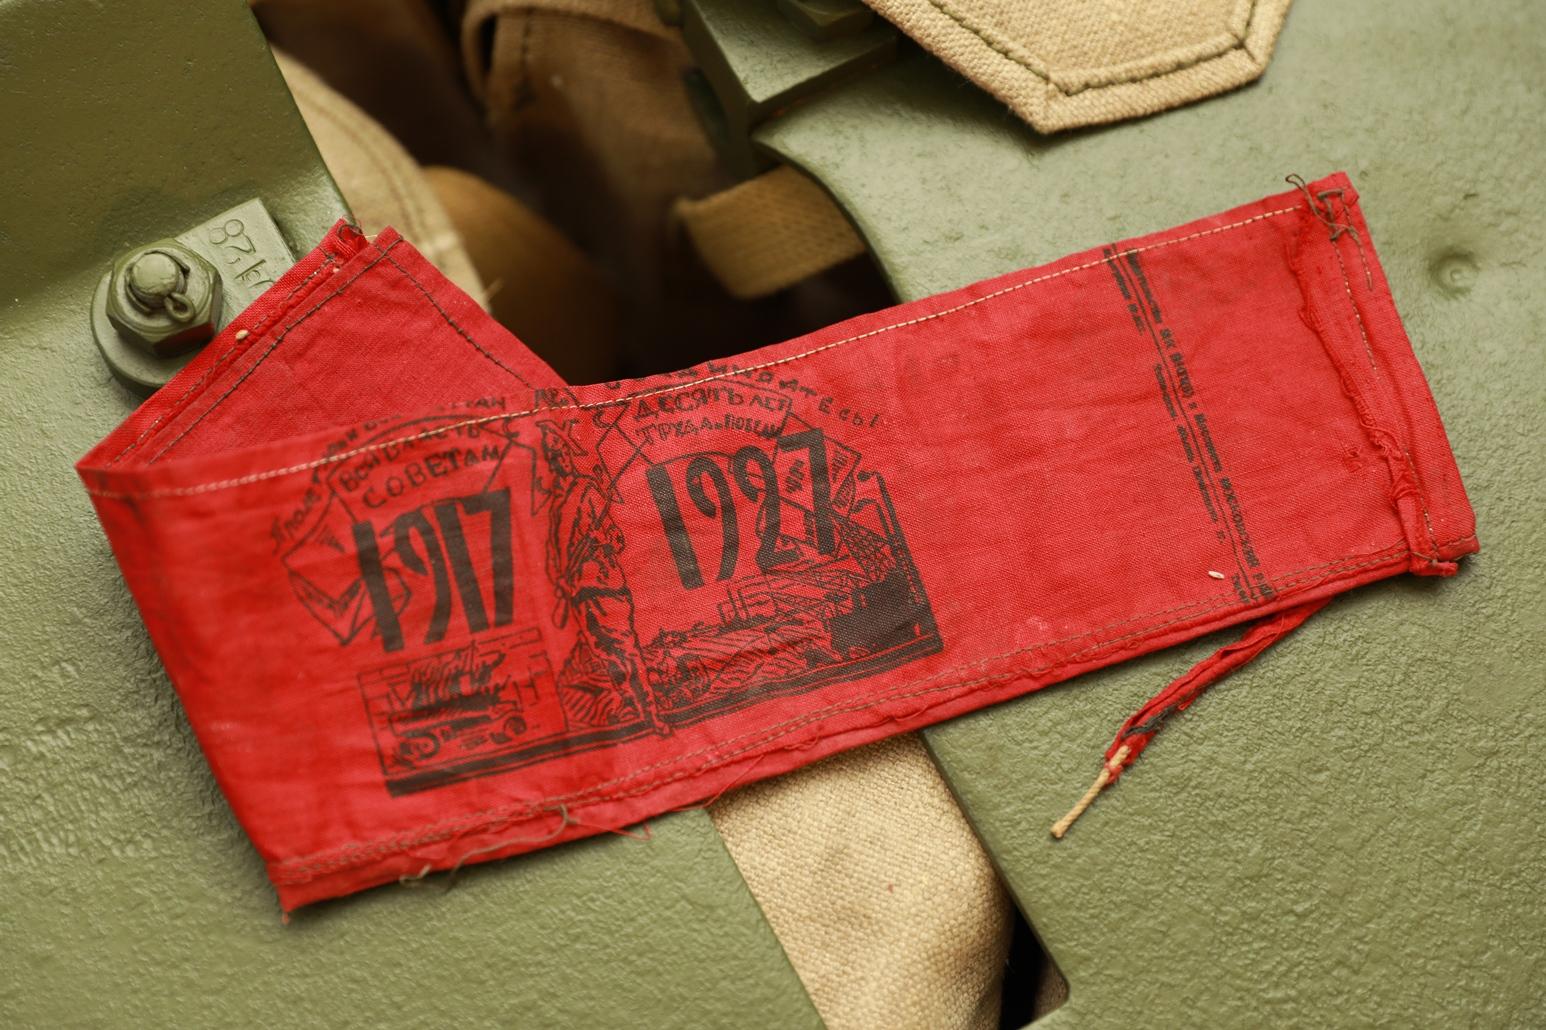 Нарукавная повязка 1917-1927 «Десять лет труда и победы», Московский ЦК ВКП(б), оригинал